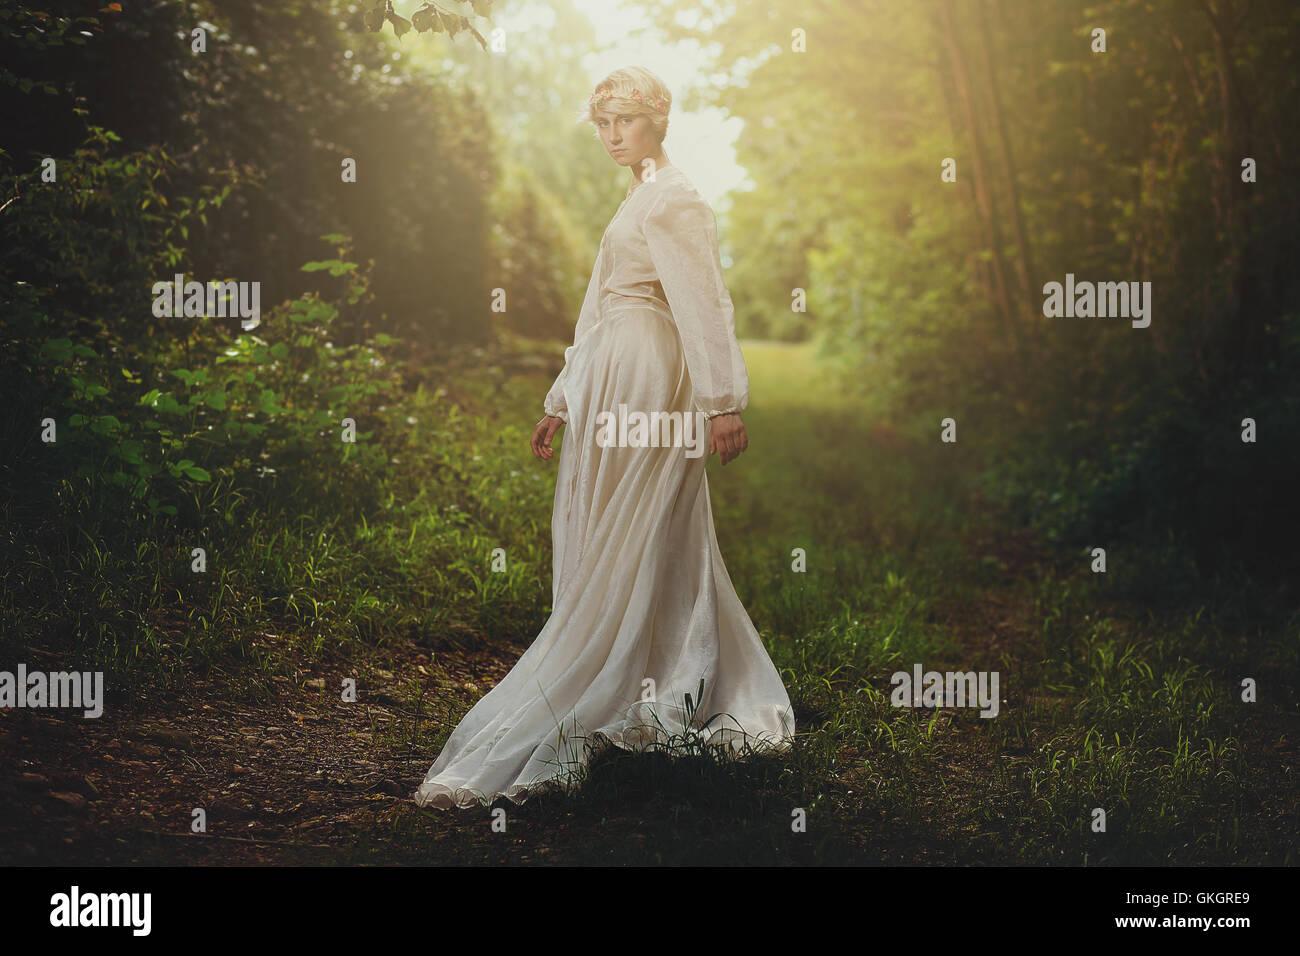 Bella ragazza fair in dreamy boschi. Fantasia e surreale Immagini Stock